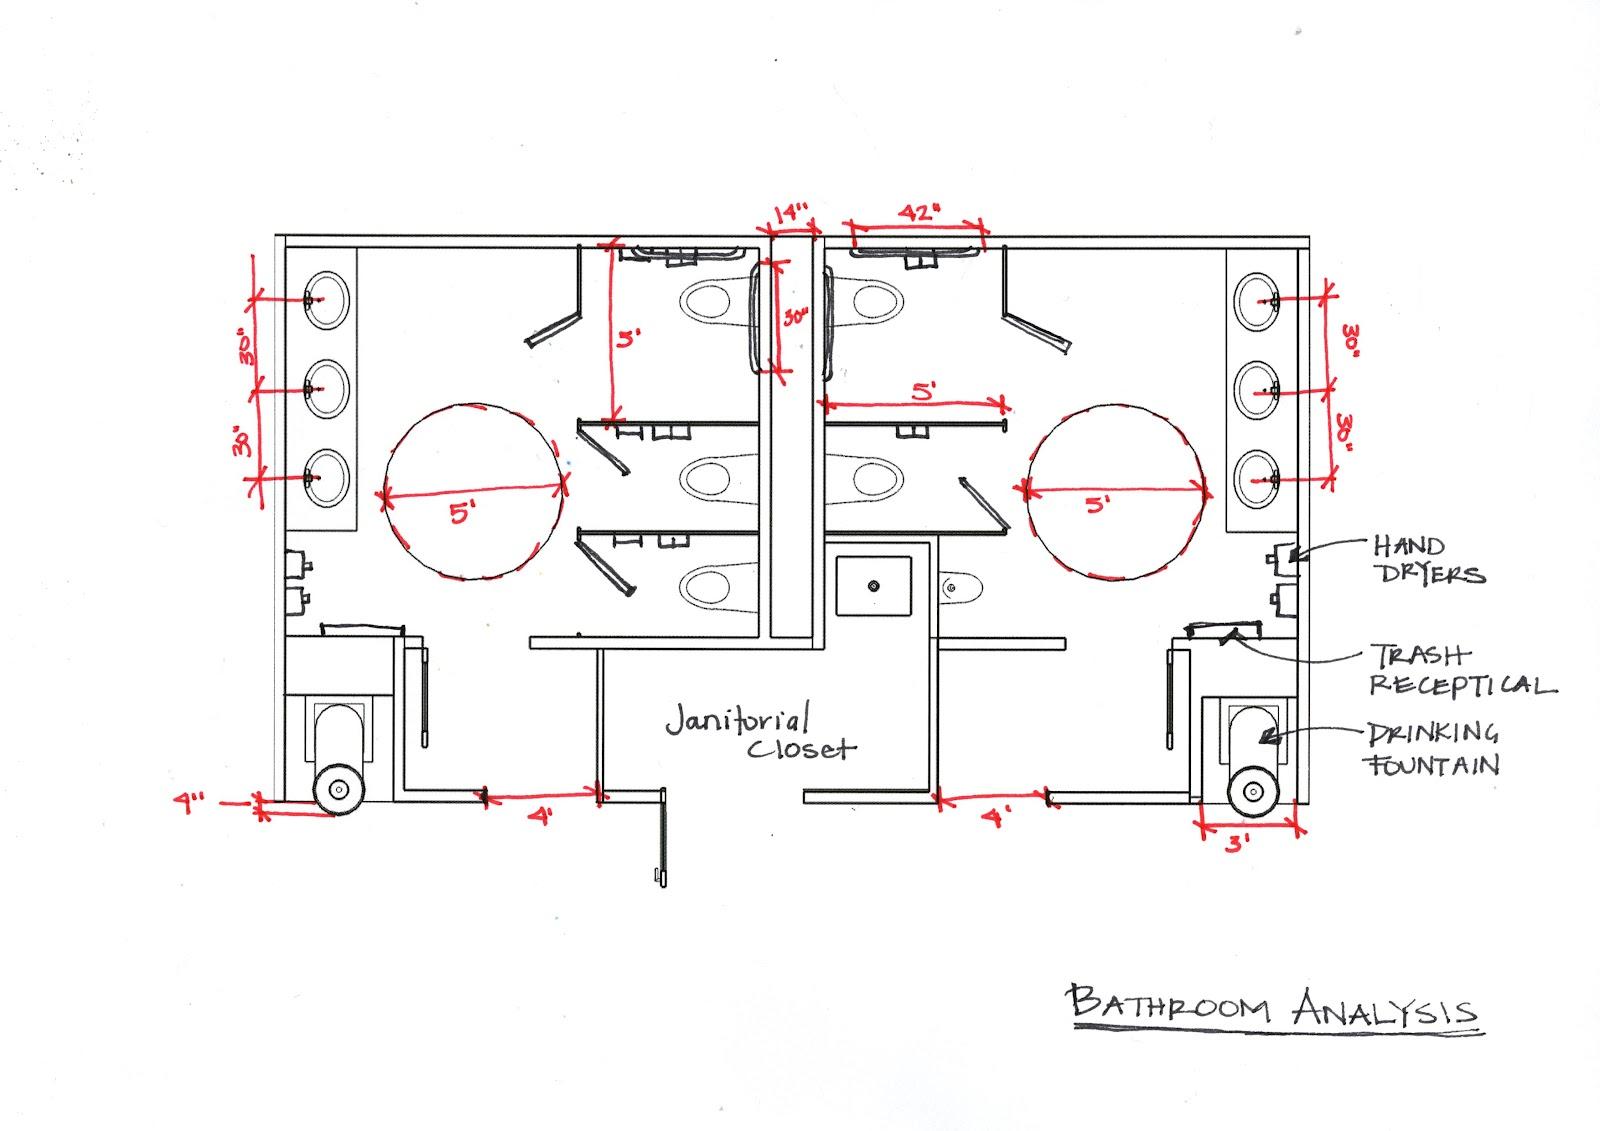 Toilet Building Code Requirements Restaurant Bathroom Requirements Bathroom Standards